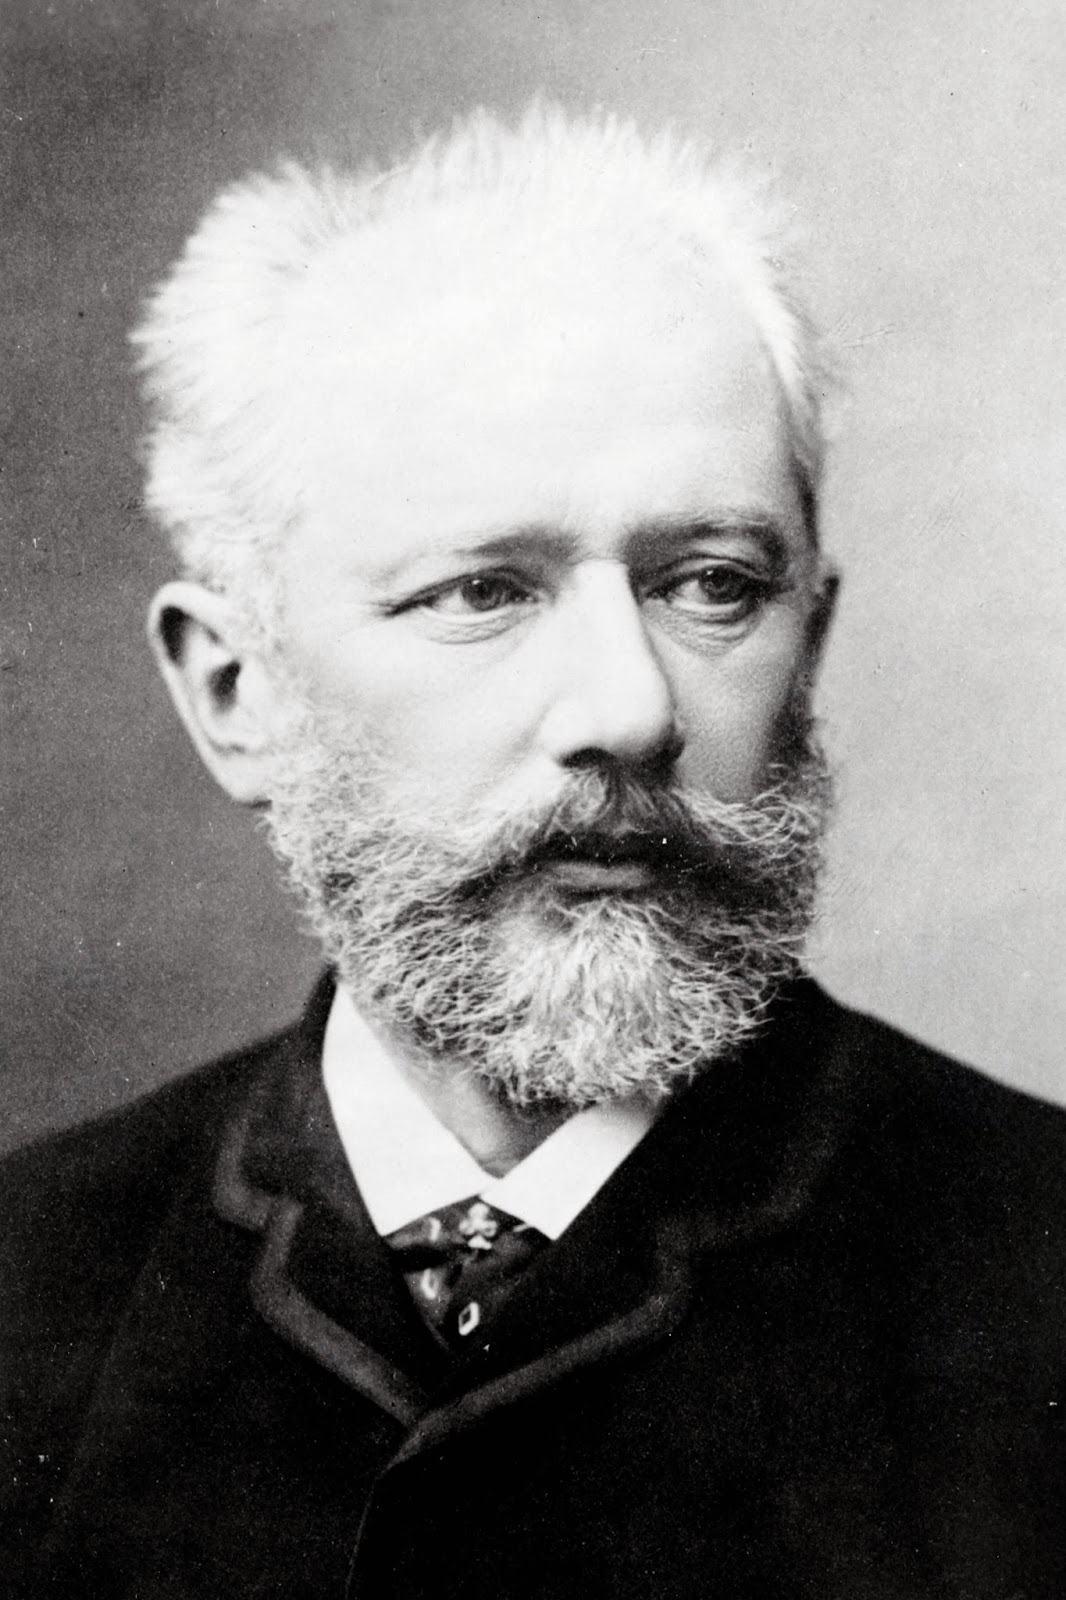 Tchaikovsky teria cometido suicídio a pedido do czar em razão de um 'desonroso' caso homossexual